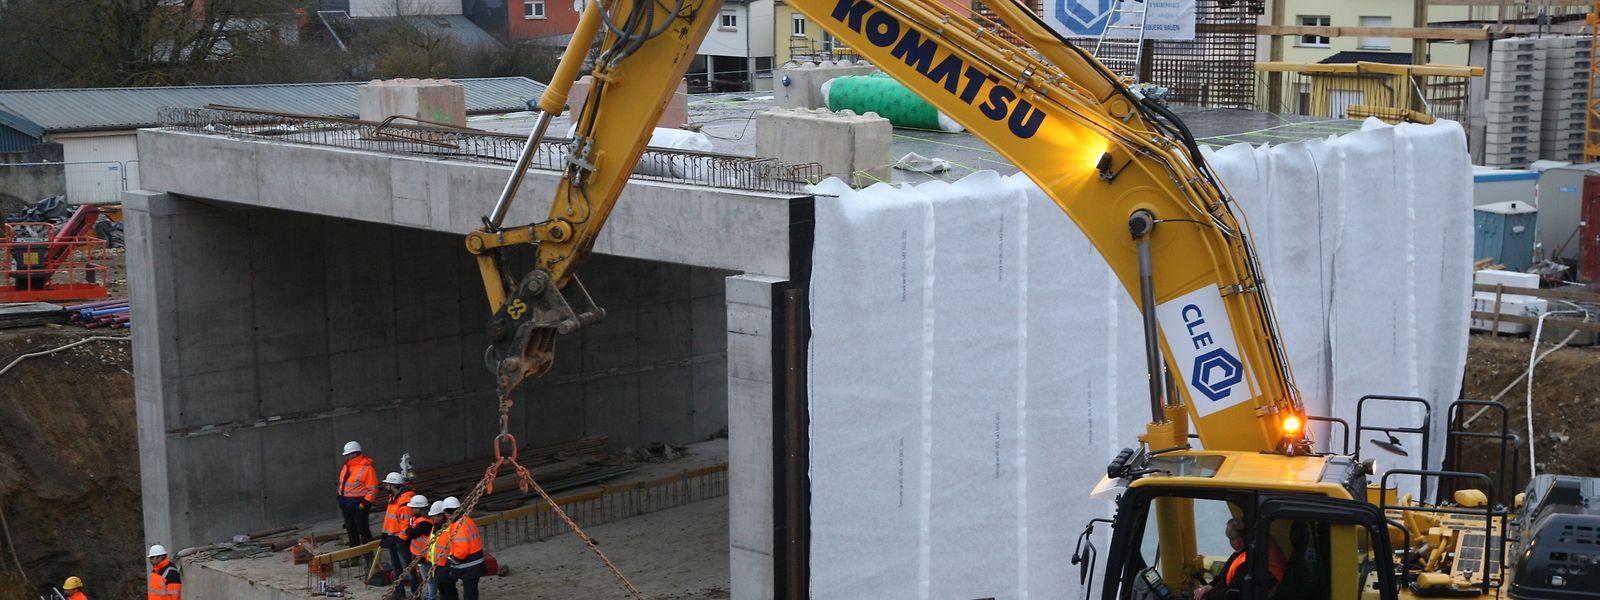 Die 1400-Tonnen-Stahlbetonkonstruktion tat sich schwer, um zu ihrem definitiven Standort geschoben zu werden.